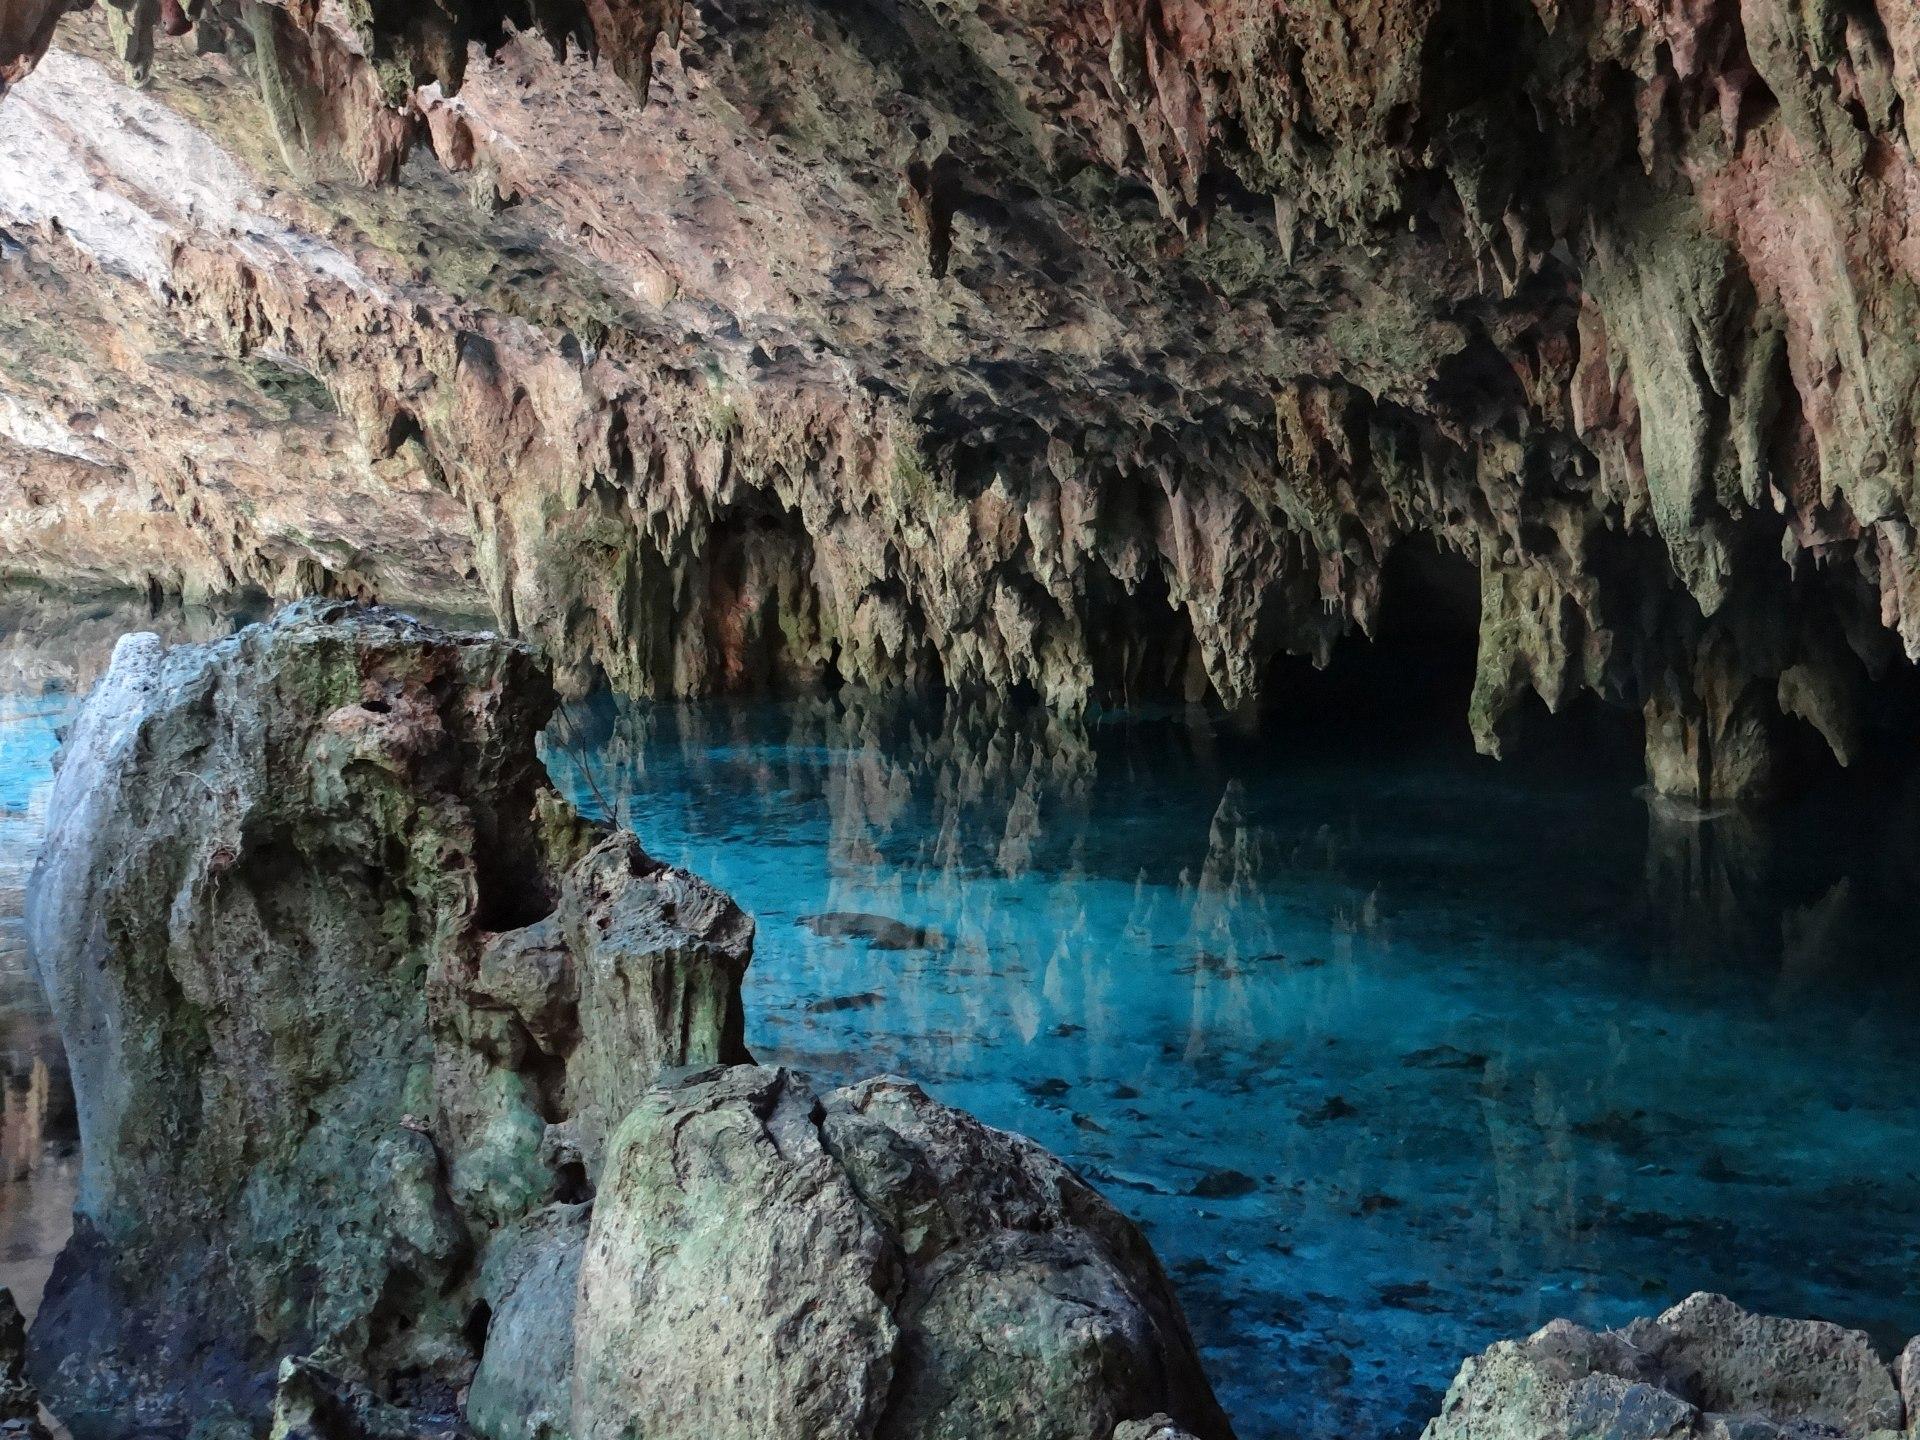 En el cenote Sac Actún se encontró el sitio arqueológico bajo el agua más grande.